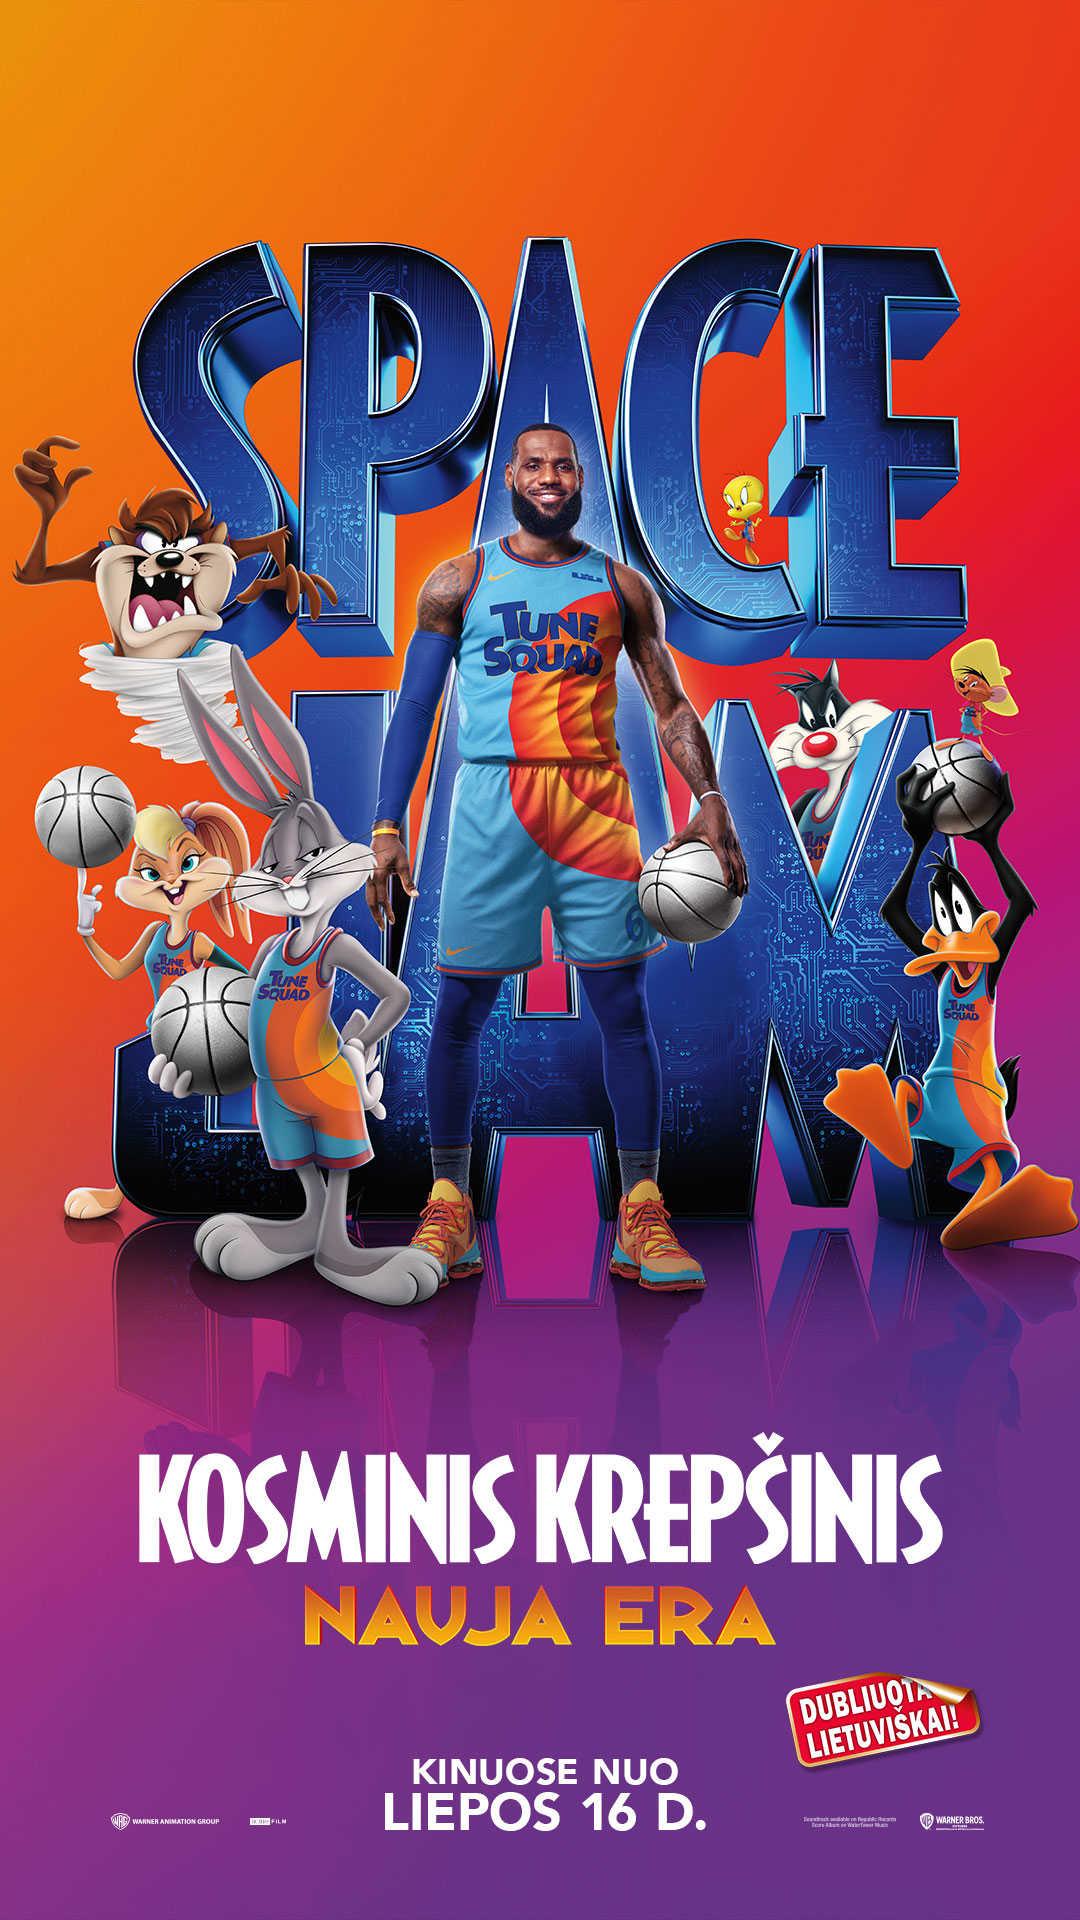 Kosminis krepšinis: nauja era (Space Jam: A New Legacy)